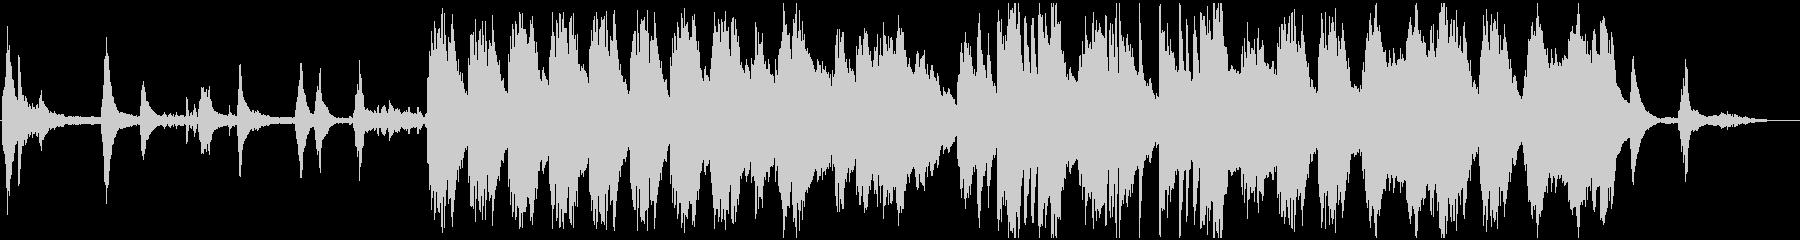 自然/朝/ピアノソロ BGMの未再生の波形